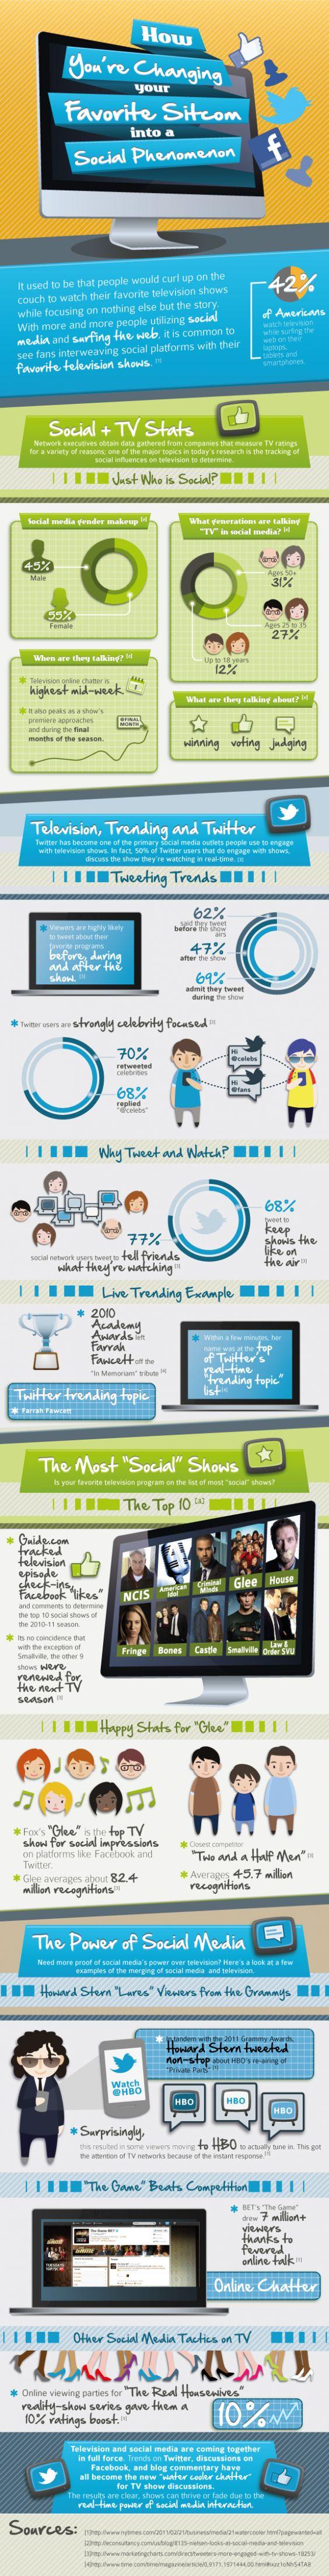 De kracht van social media in televisieland